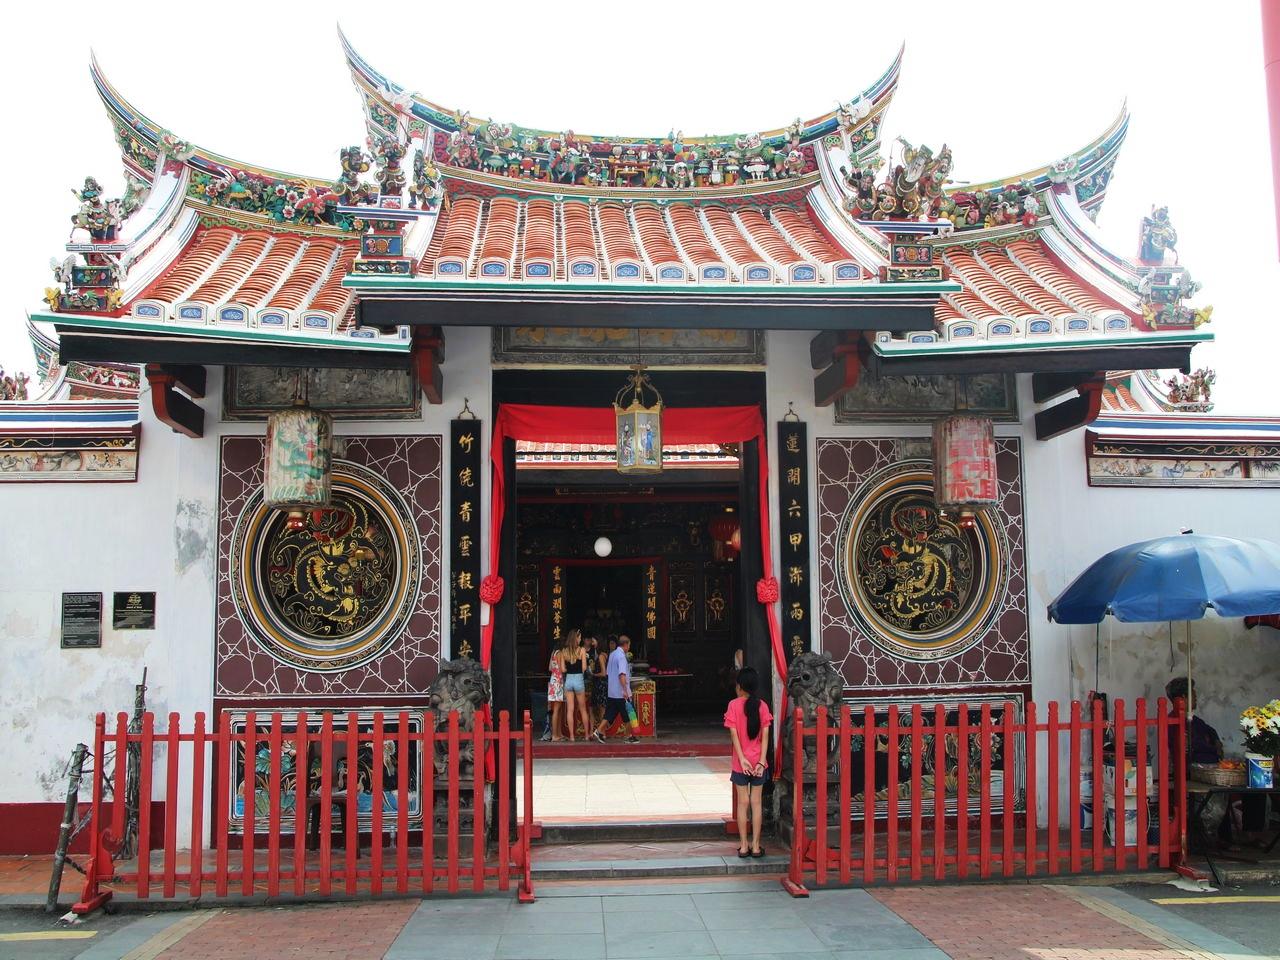 Cheng Hoon Teng es mi templo favorito en Malaca. ¡Inclúyelo en tu itinerario por Malasia en 10 días!